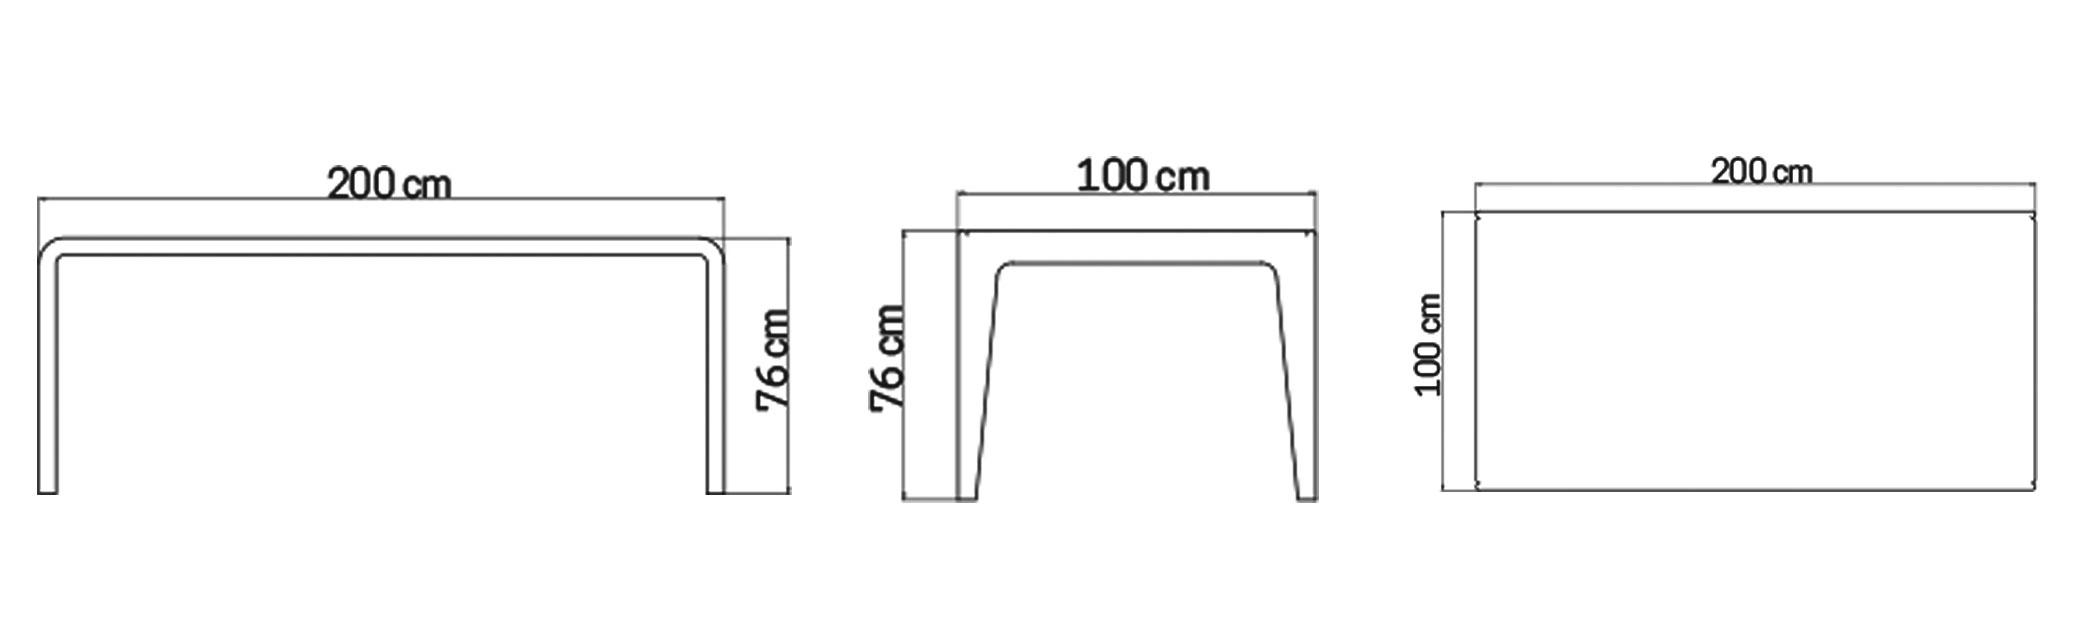 Mesa Comedor Rect - Skyline Design